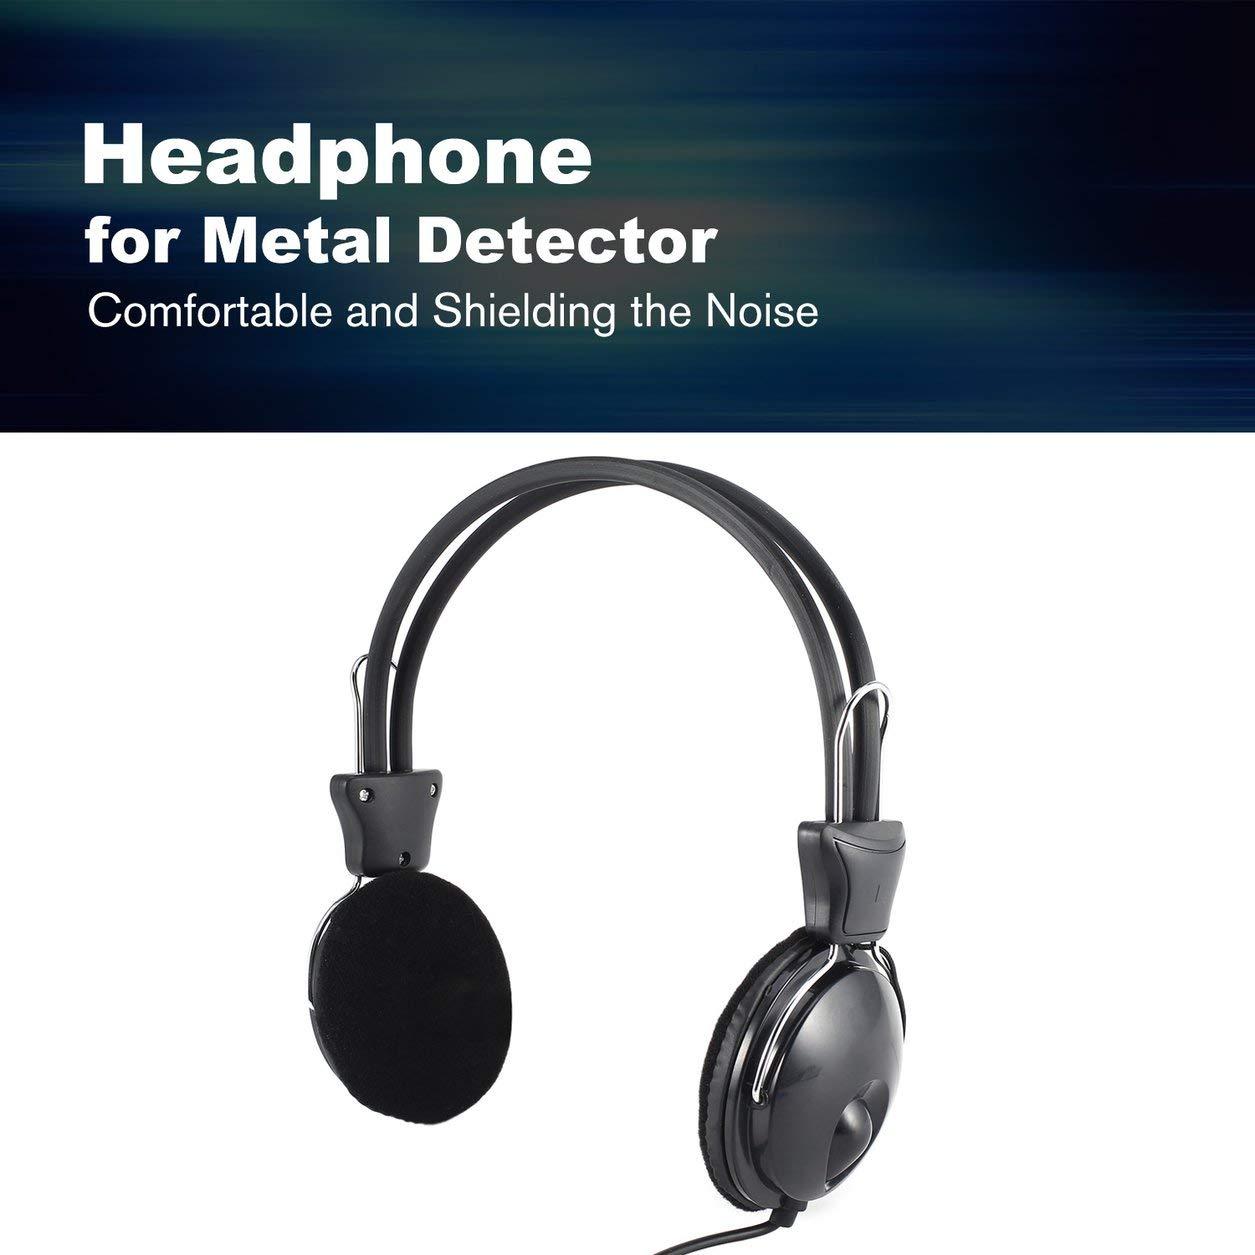 Dailyinshop Auricular Auricular para probador de Metales Detector de Oro Treasure Hunter Universal (Color: Negro): Amazon.es: Juguetes y juegos